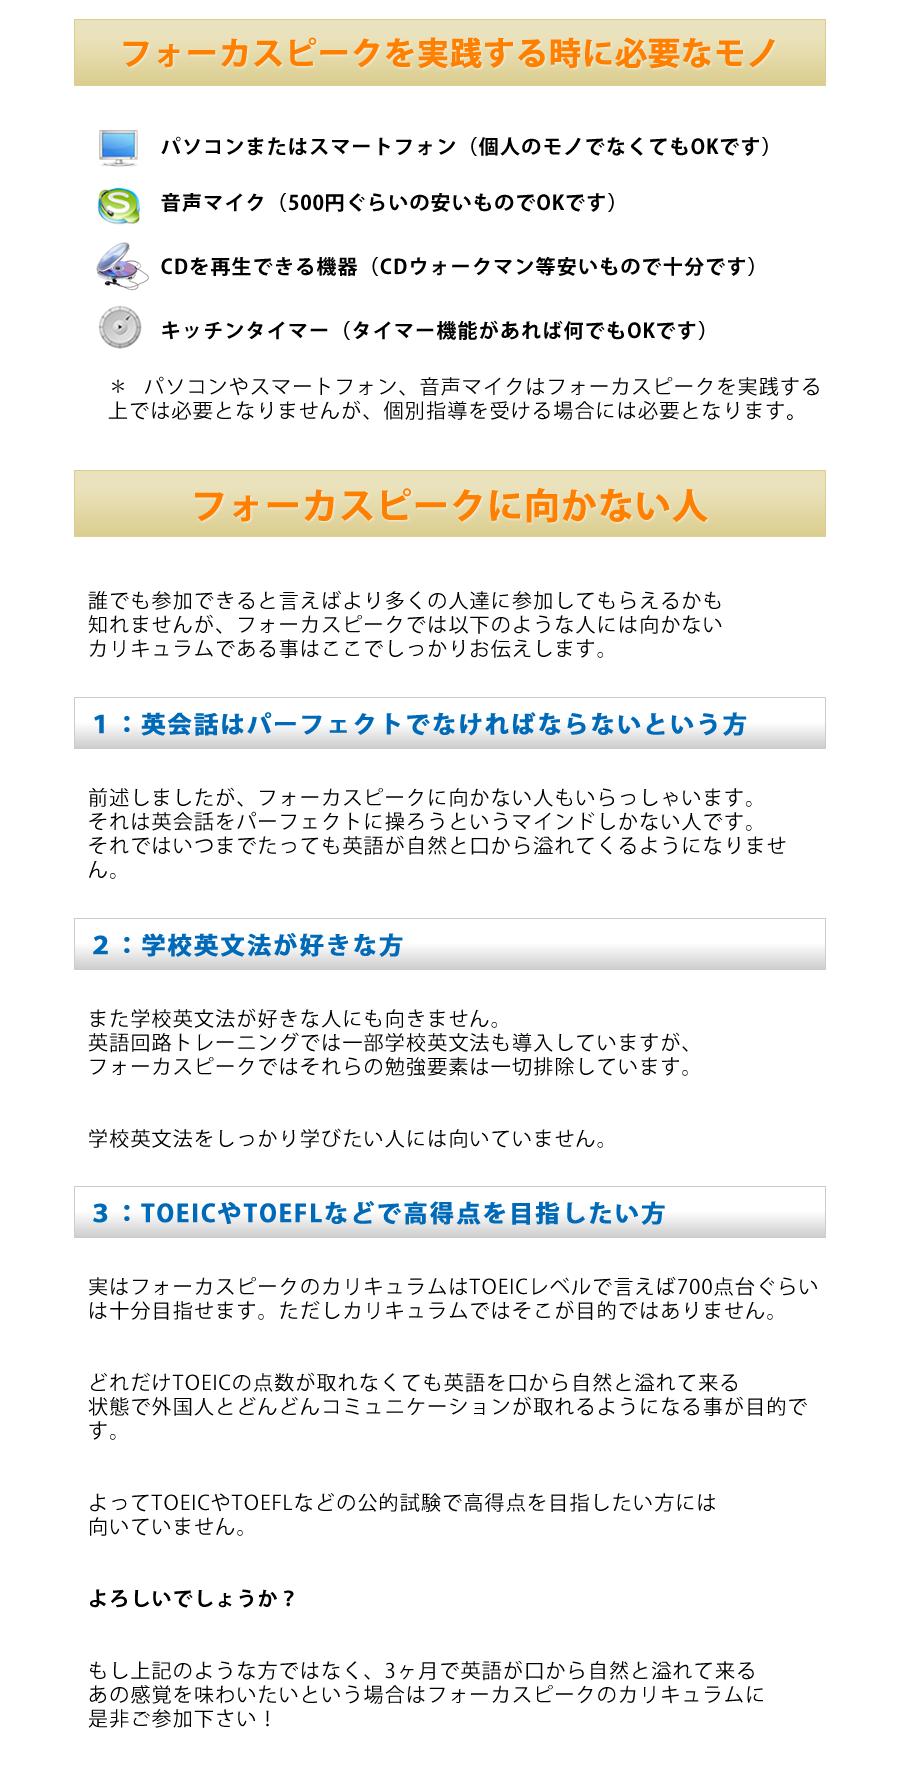 fs-course-5